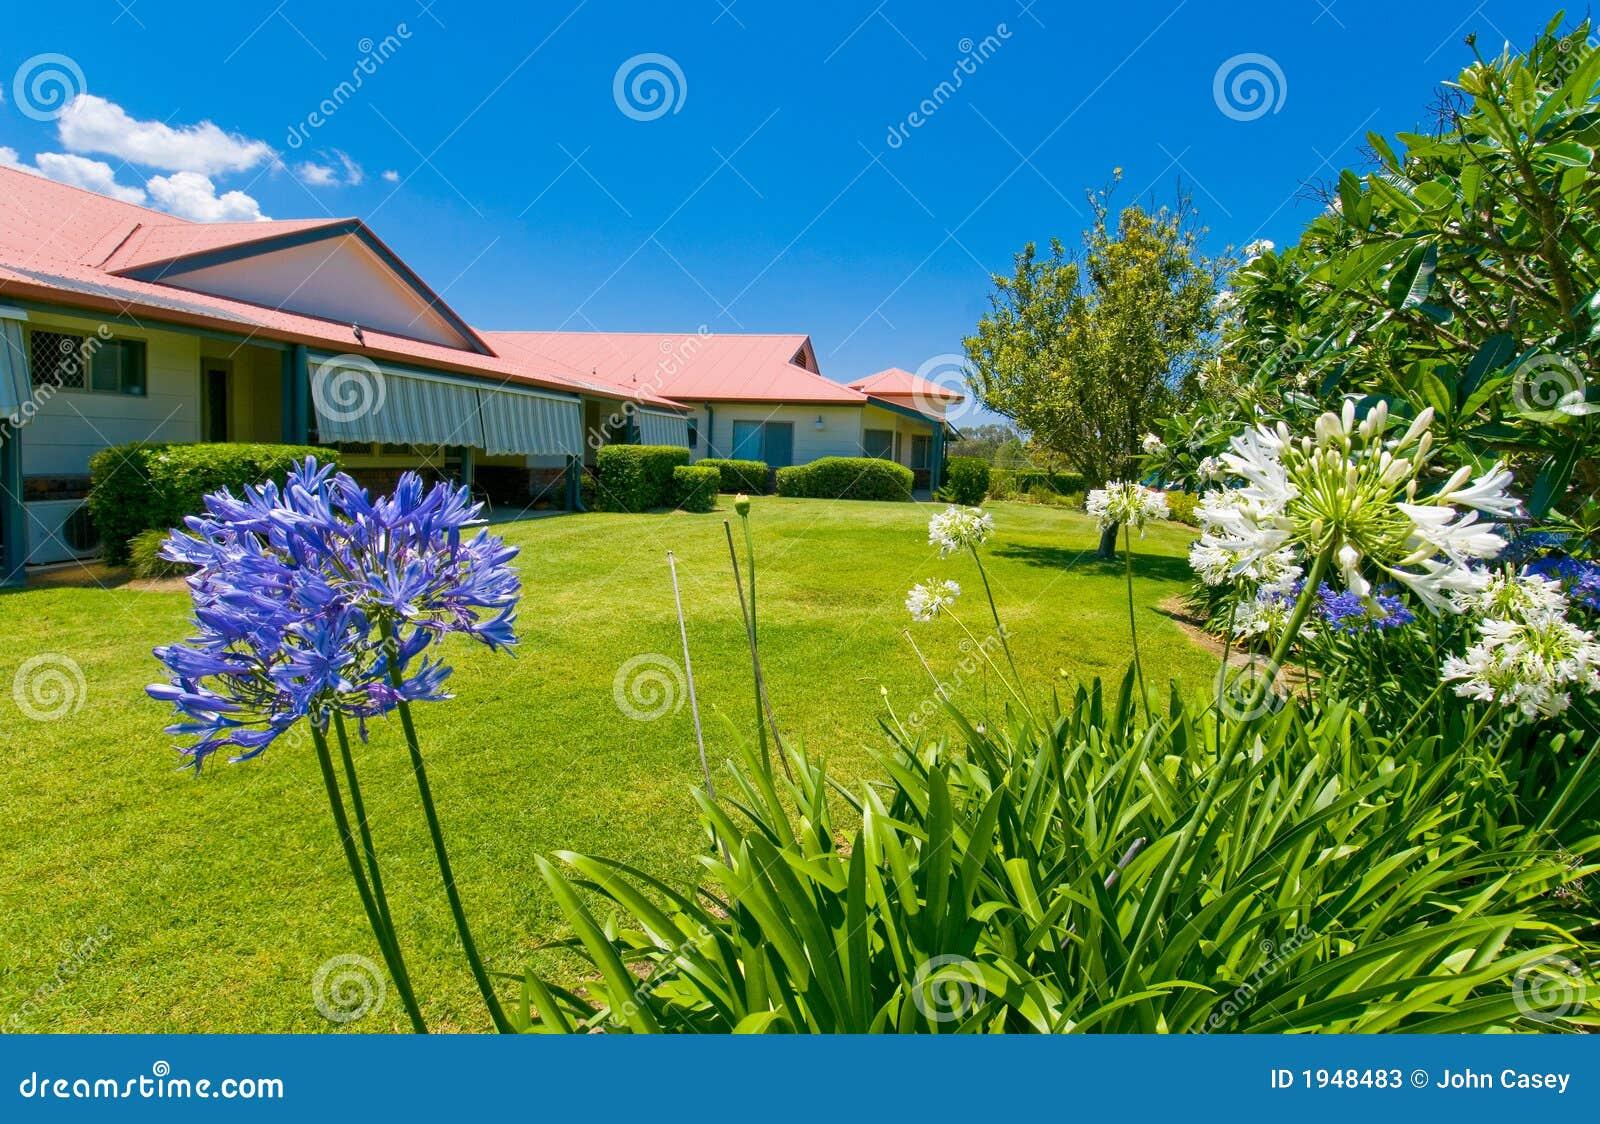 imagens jardins lindos : imagens jardins lindos:Fotos de Stock: Jardins bonitos na parte traseira da casa